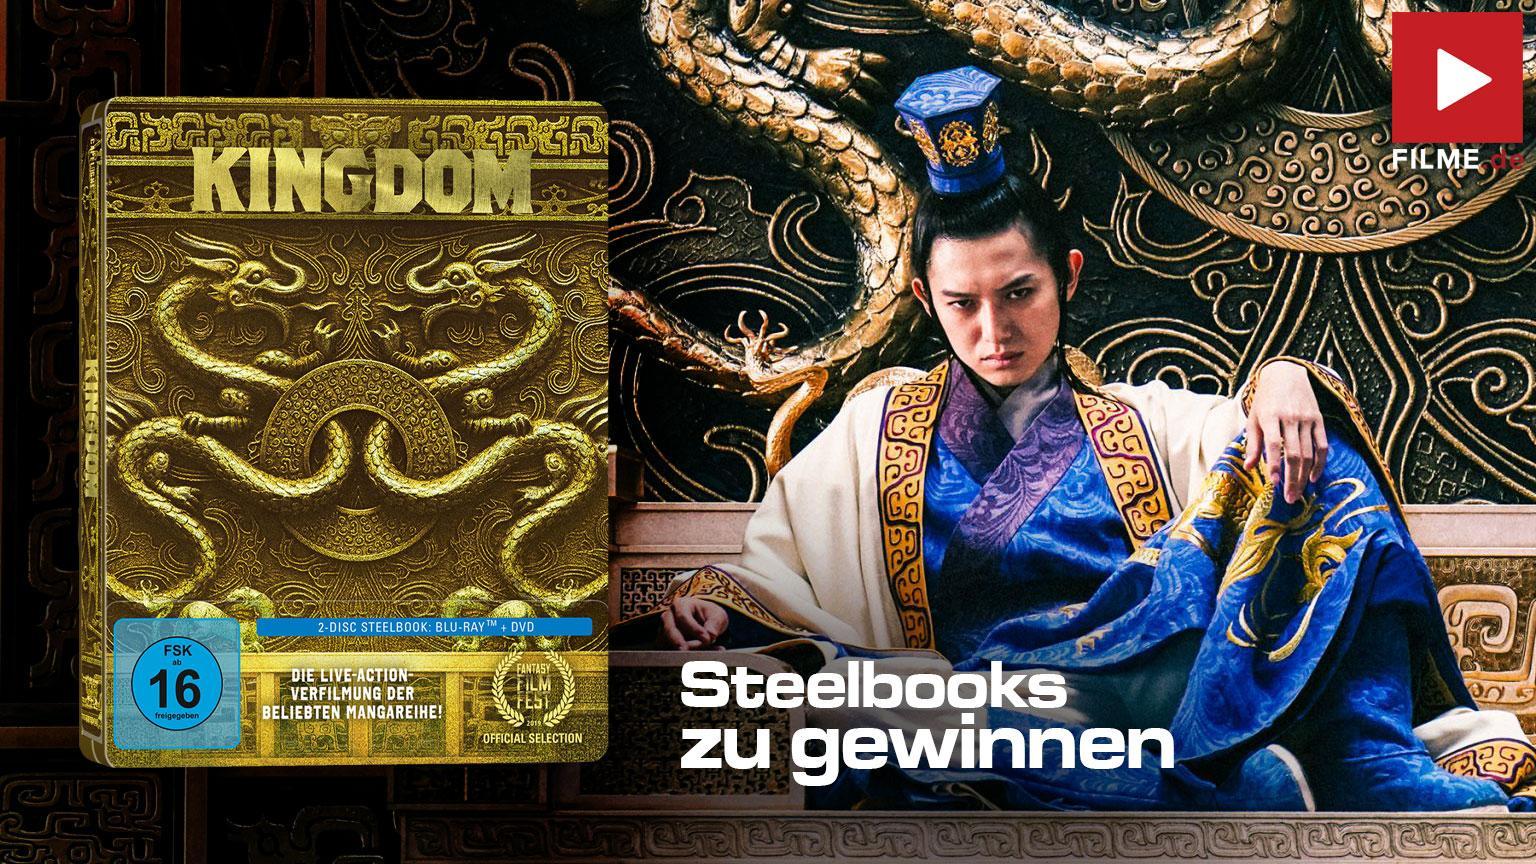 Kingdom STeelbook Gewinnspiel Artikelbild shop kaufen